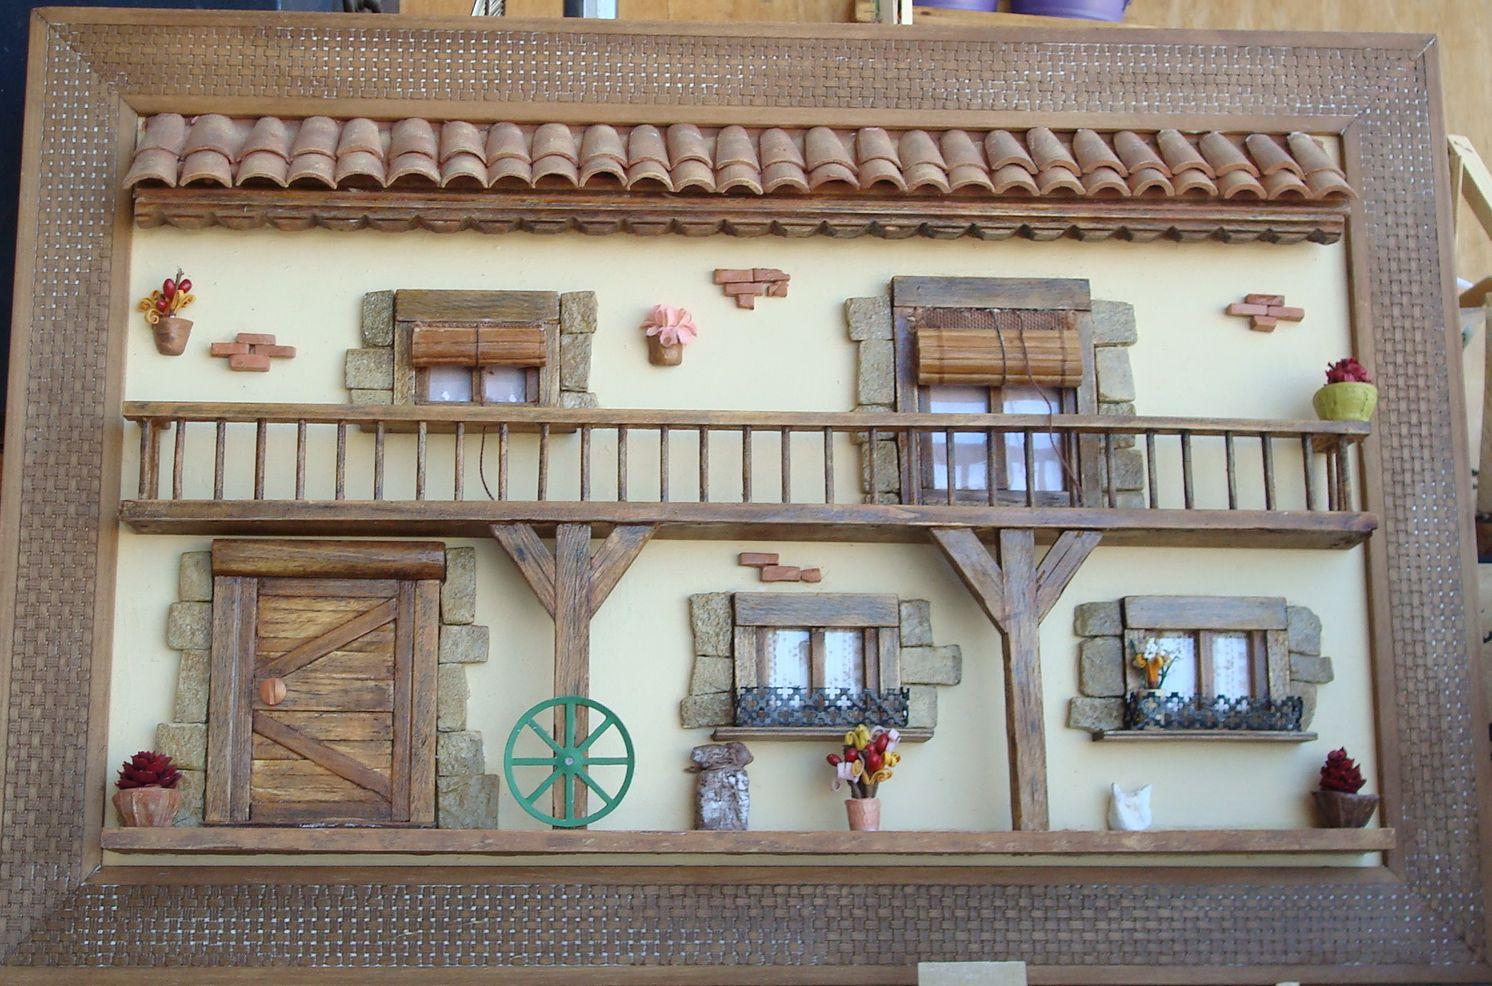 Manualidades luigi decid cambiar temporalmente las tejas for Manualidades para casa rustica